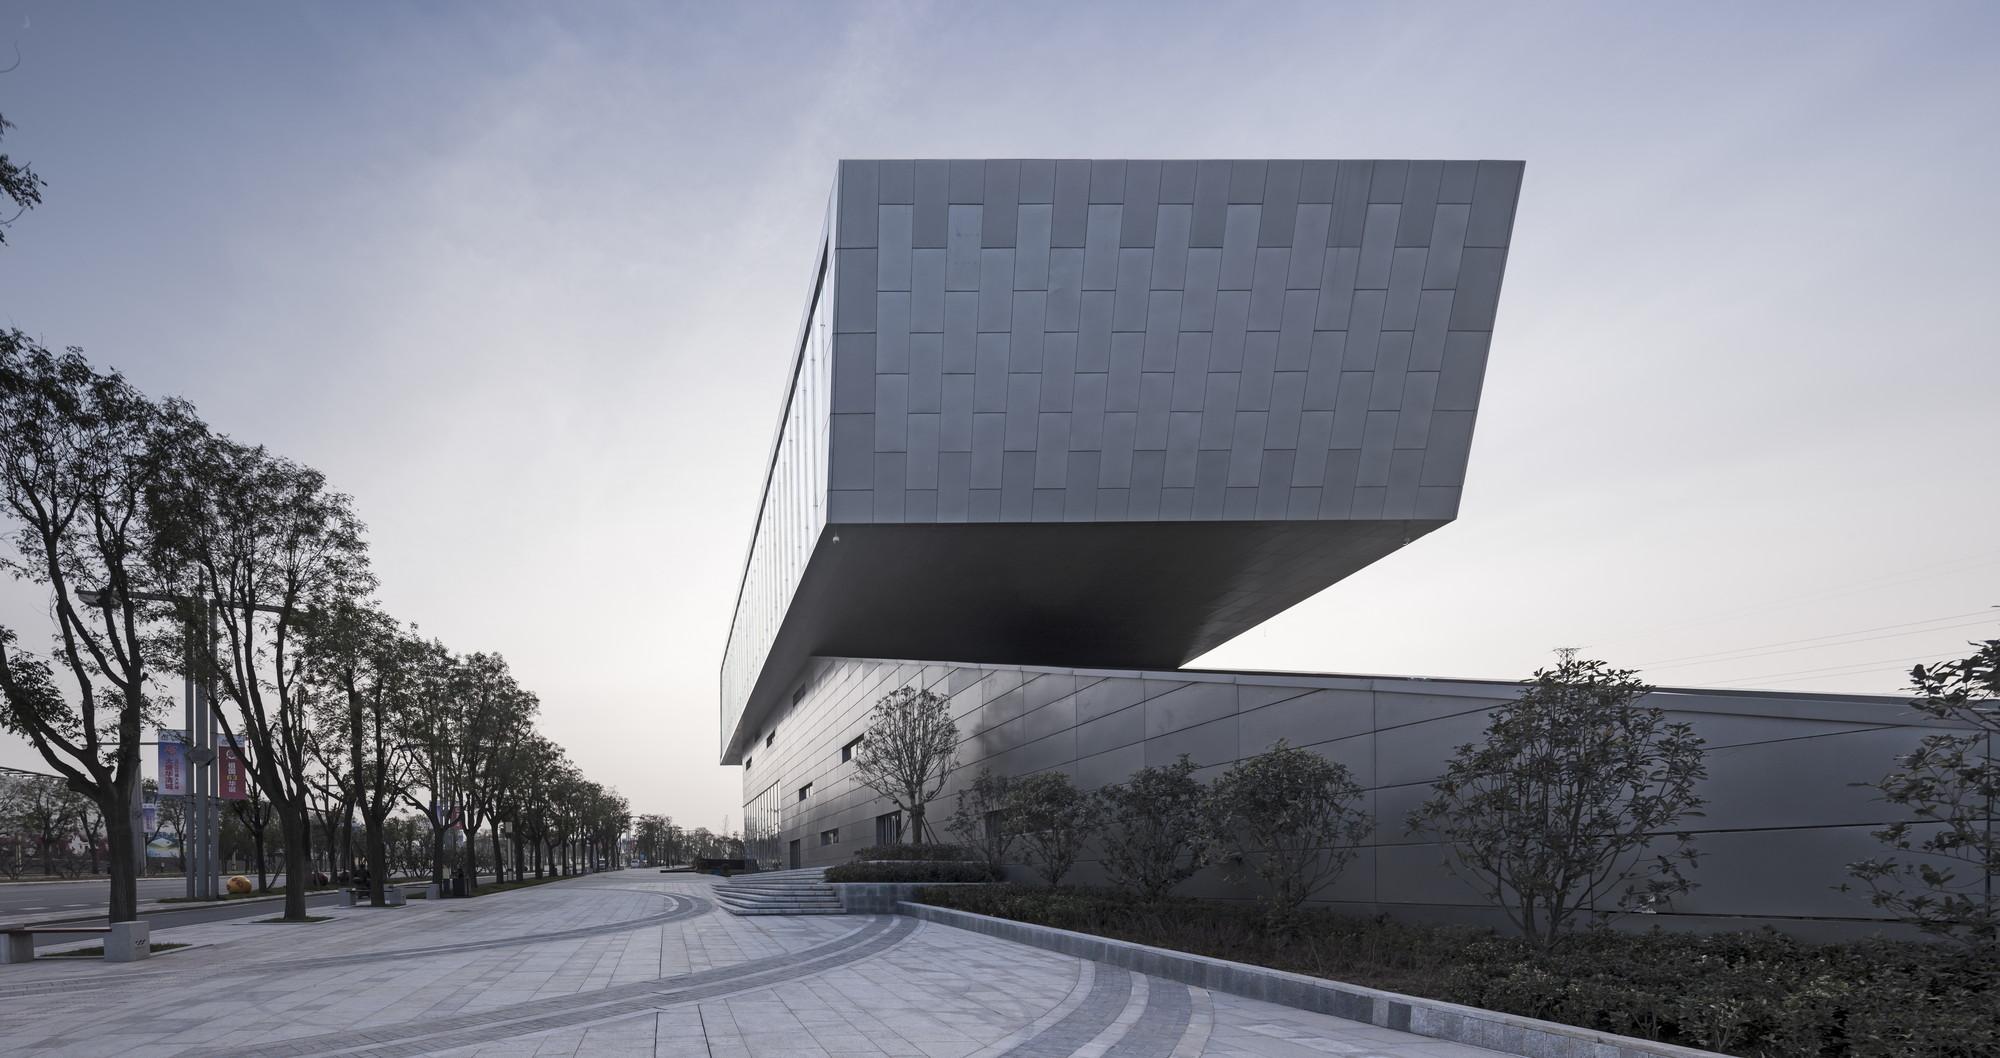 Lintong Zhiyang Cultural Park / Lacime Architectural Design, © Yao Li